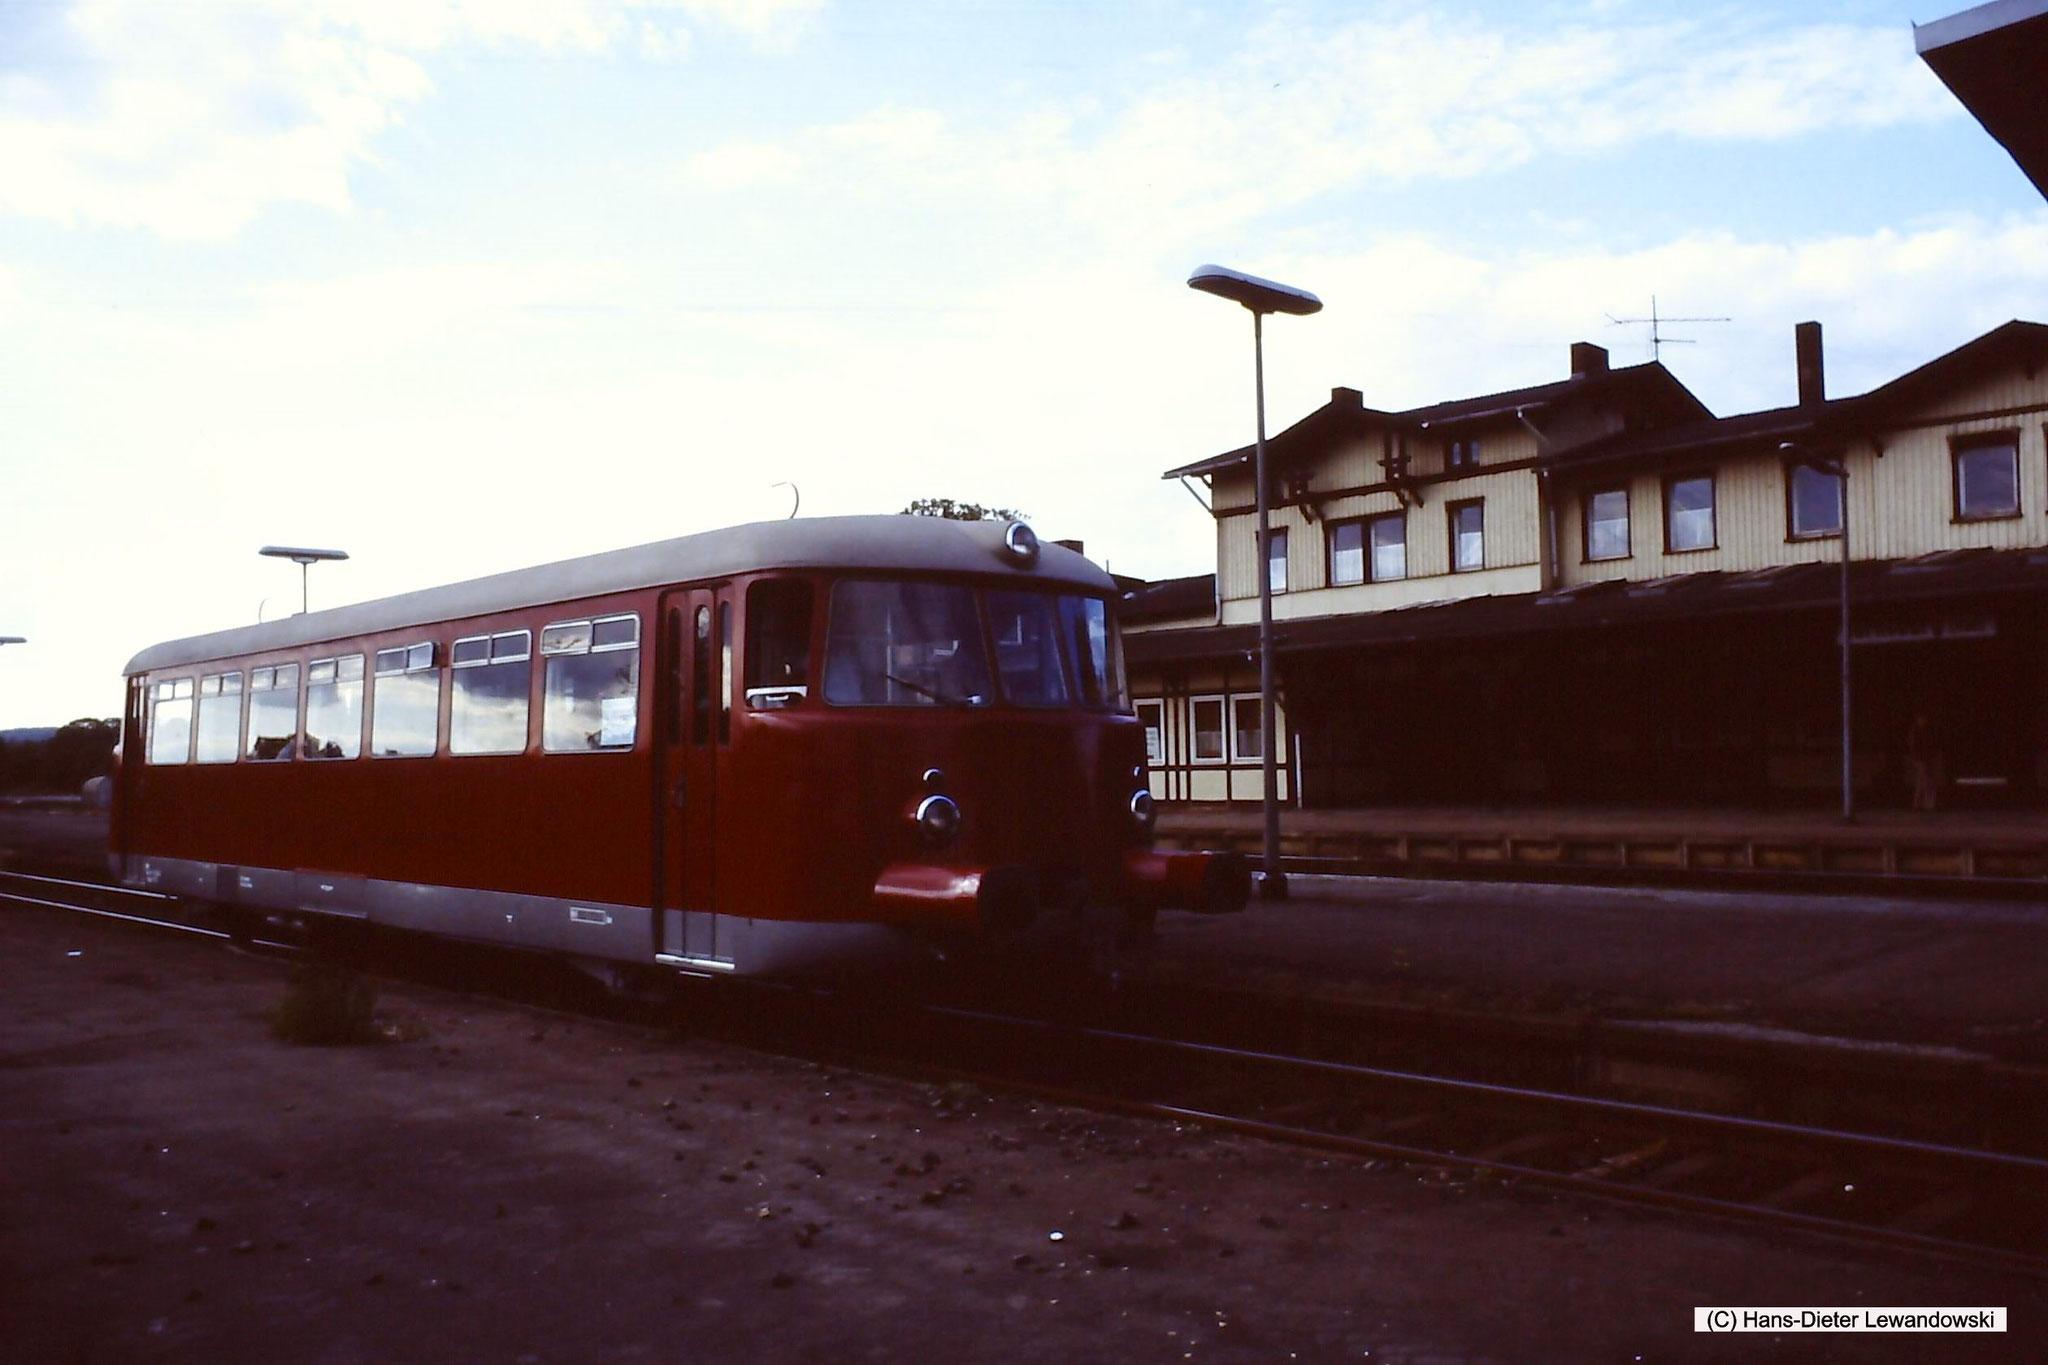 Bahnhof Derneburg mit MAN - VT 1 der Dampflok-Gemeinschaft 41 096 e.V.